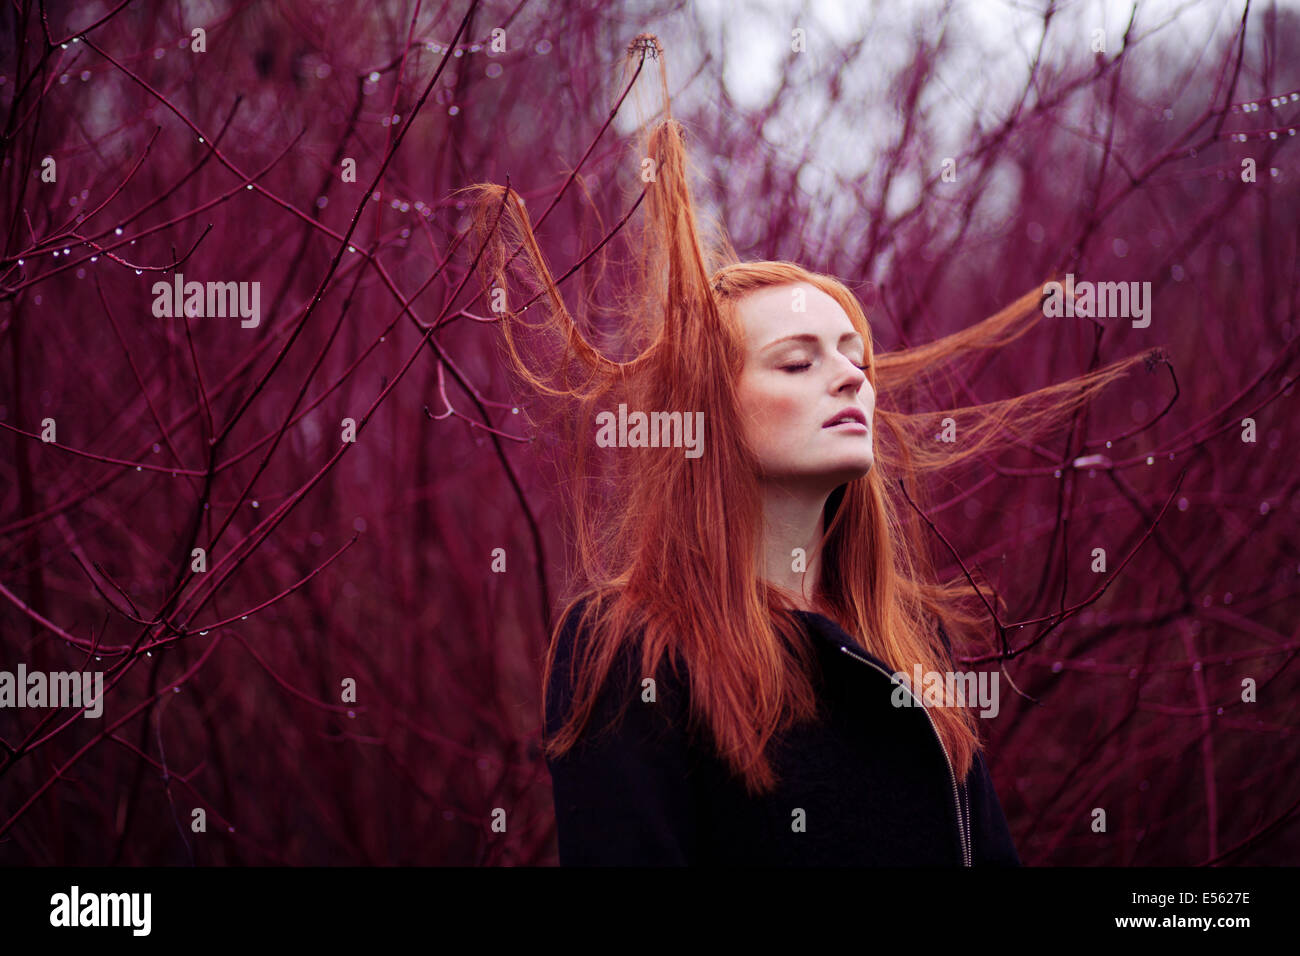 Mujer con largo pelo rojo entre las ramas, Retrato Foto de stock